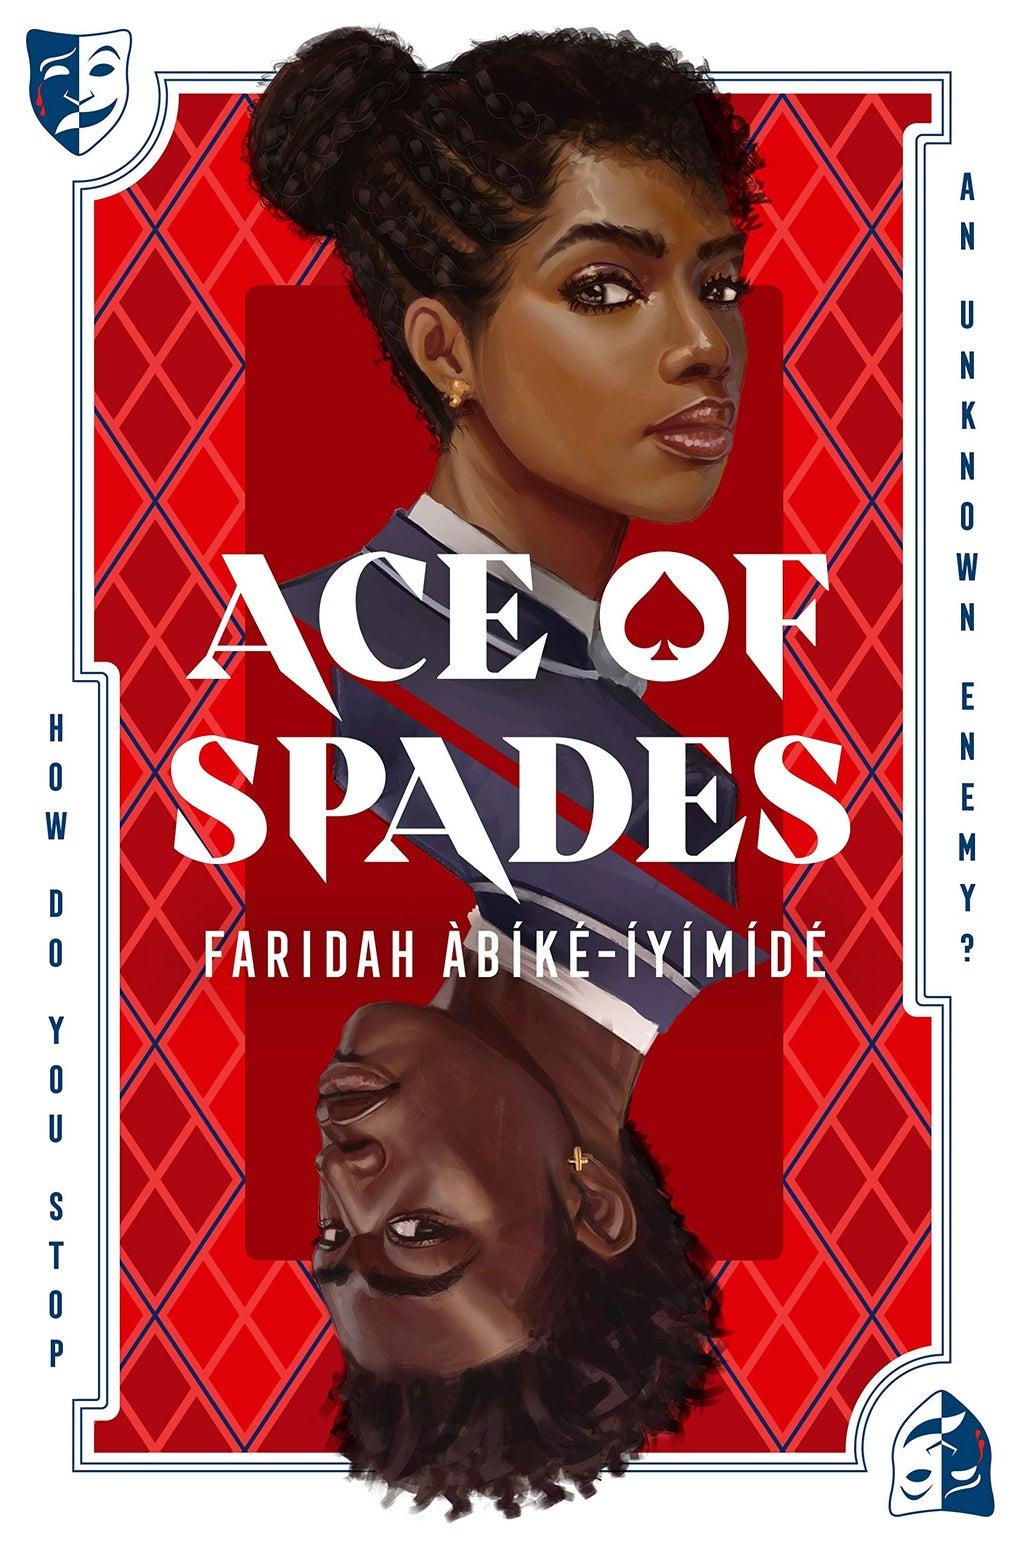 book cover of ace of spades by faridah àbíké íyímídé